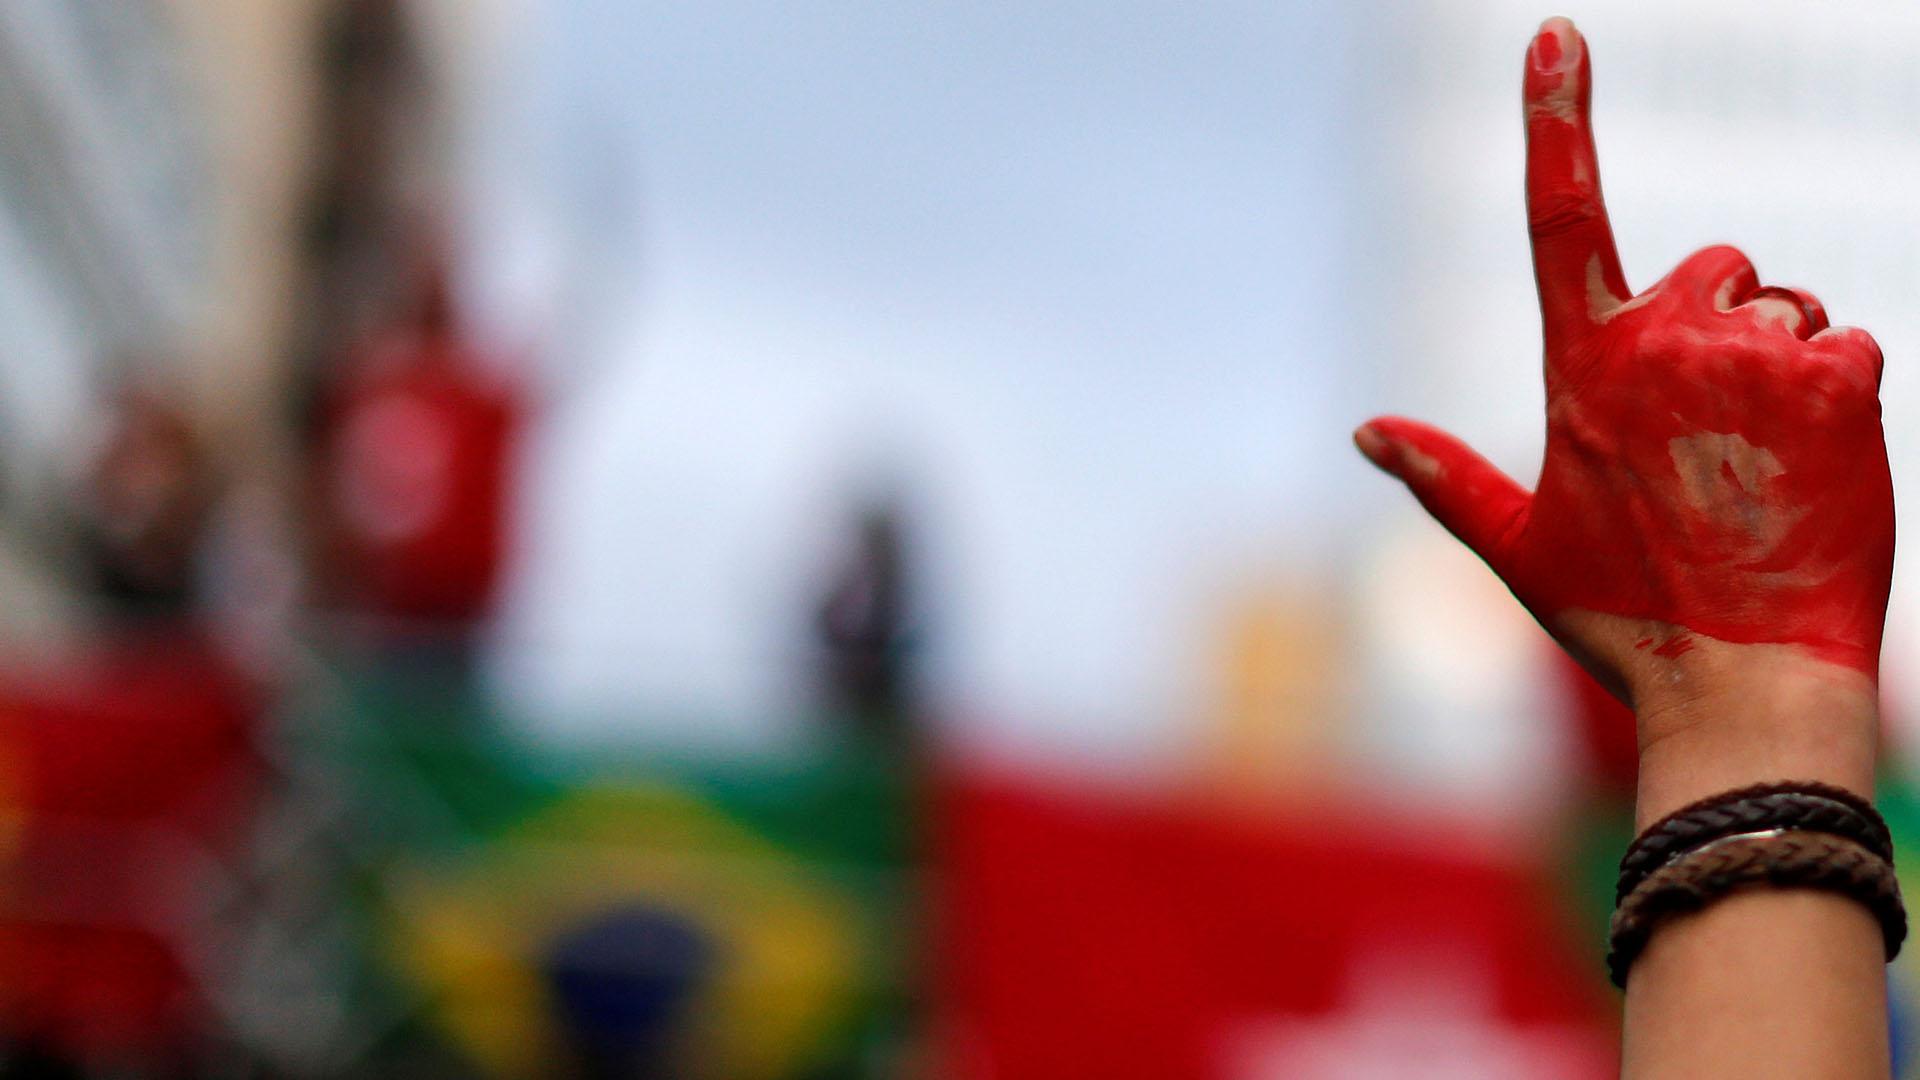 Este viernes simpatizantes y opositores del ex presidente Lula da Silva se congregaron en distintas ciudades brasileñas para demostrar su apoyo o rechazo a la orden de arresto proferida por el juez federal Sérgio Moro. Los opositores se manifestaron principalmente en la ciudad de Curitiba, mientras que los simpatizantes del líder del Partido Trabajador lo hicieron en ciudades como Belo Horizonte, Sao Paulo y Río de Janeiro. (REUTERS/Rodolfo Buhrer)